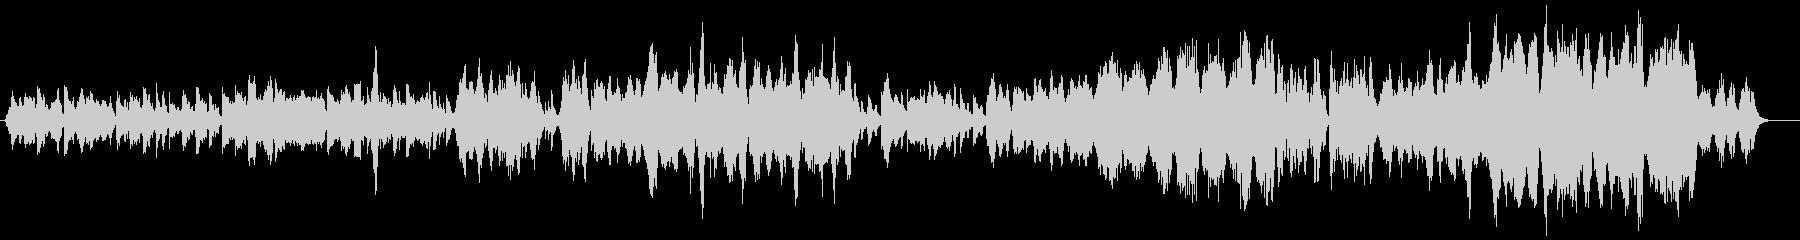 弦楽五重奏編成による安らぎに包まれた曲の未再生の波形